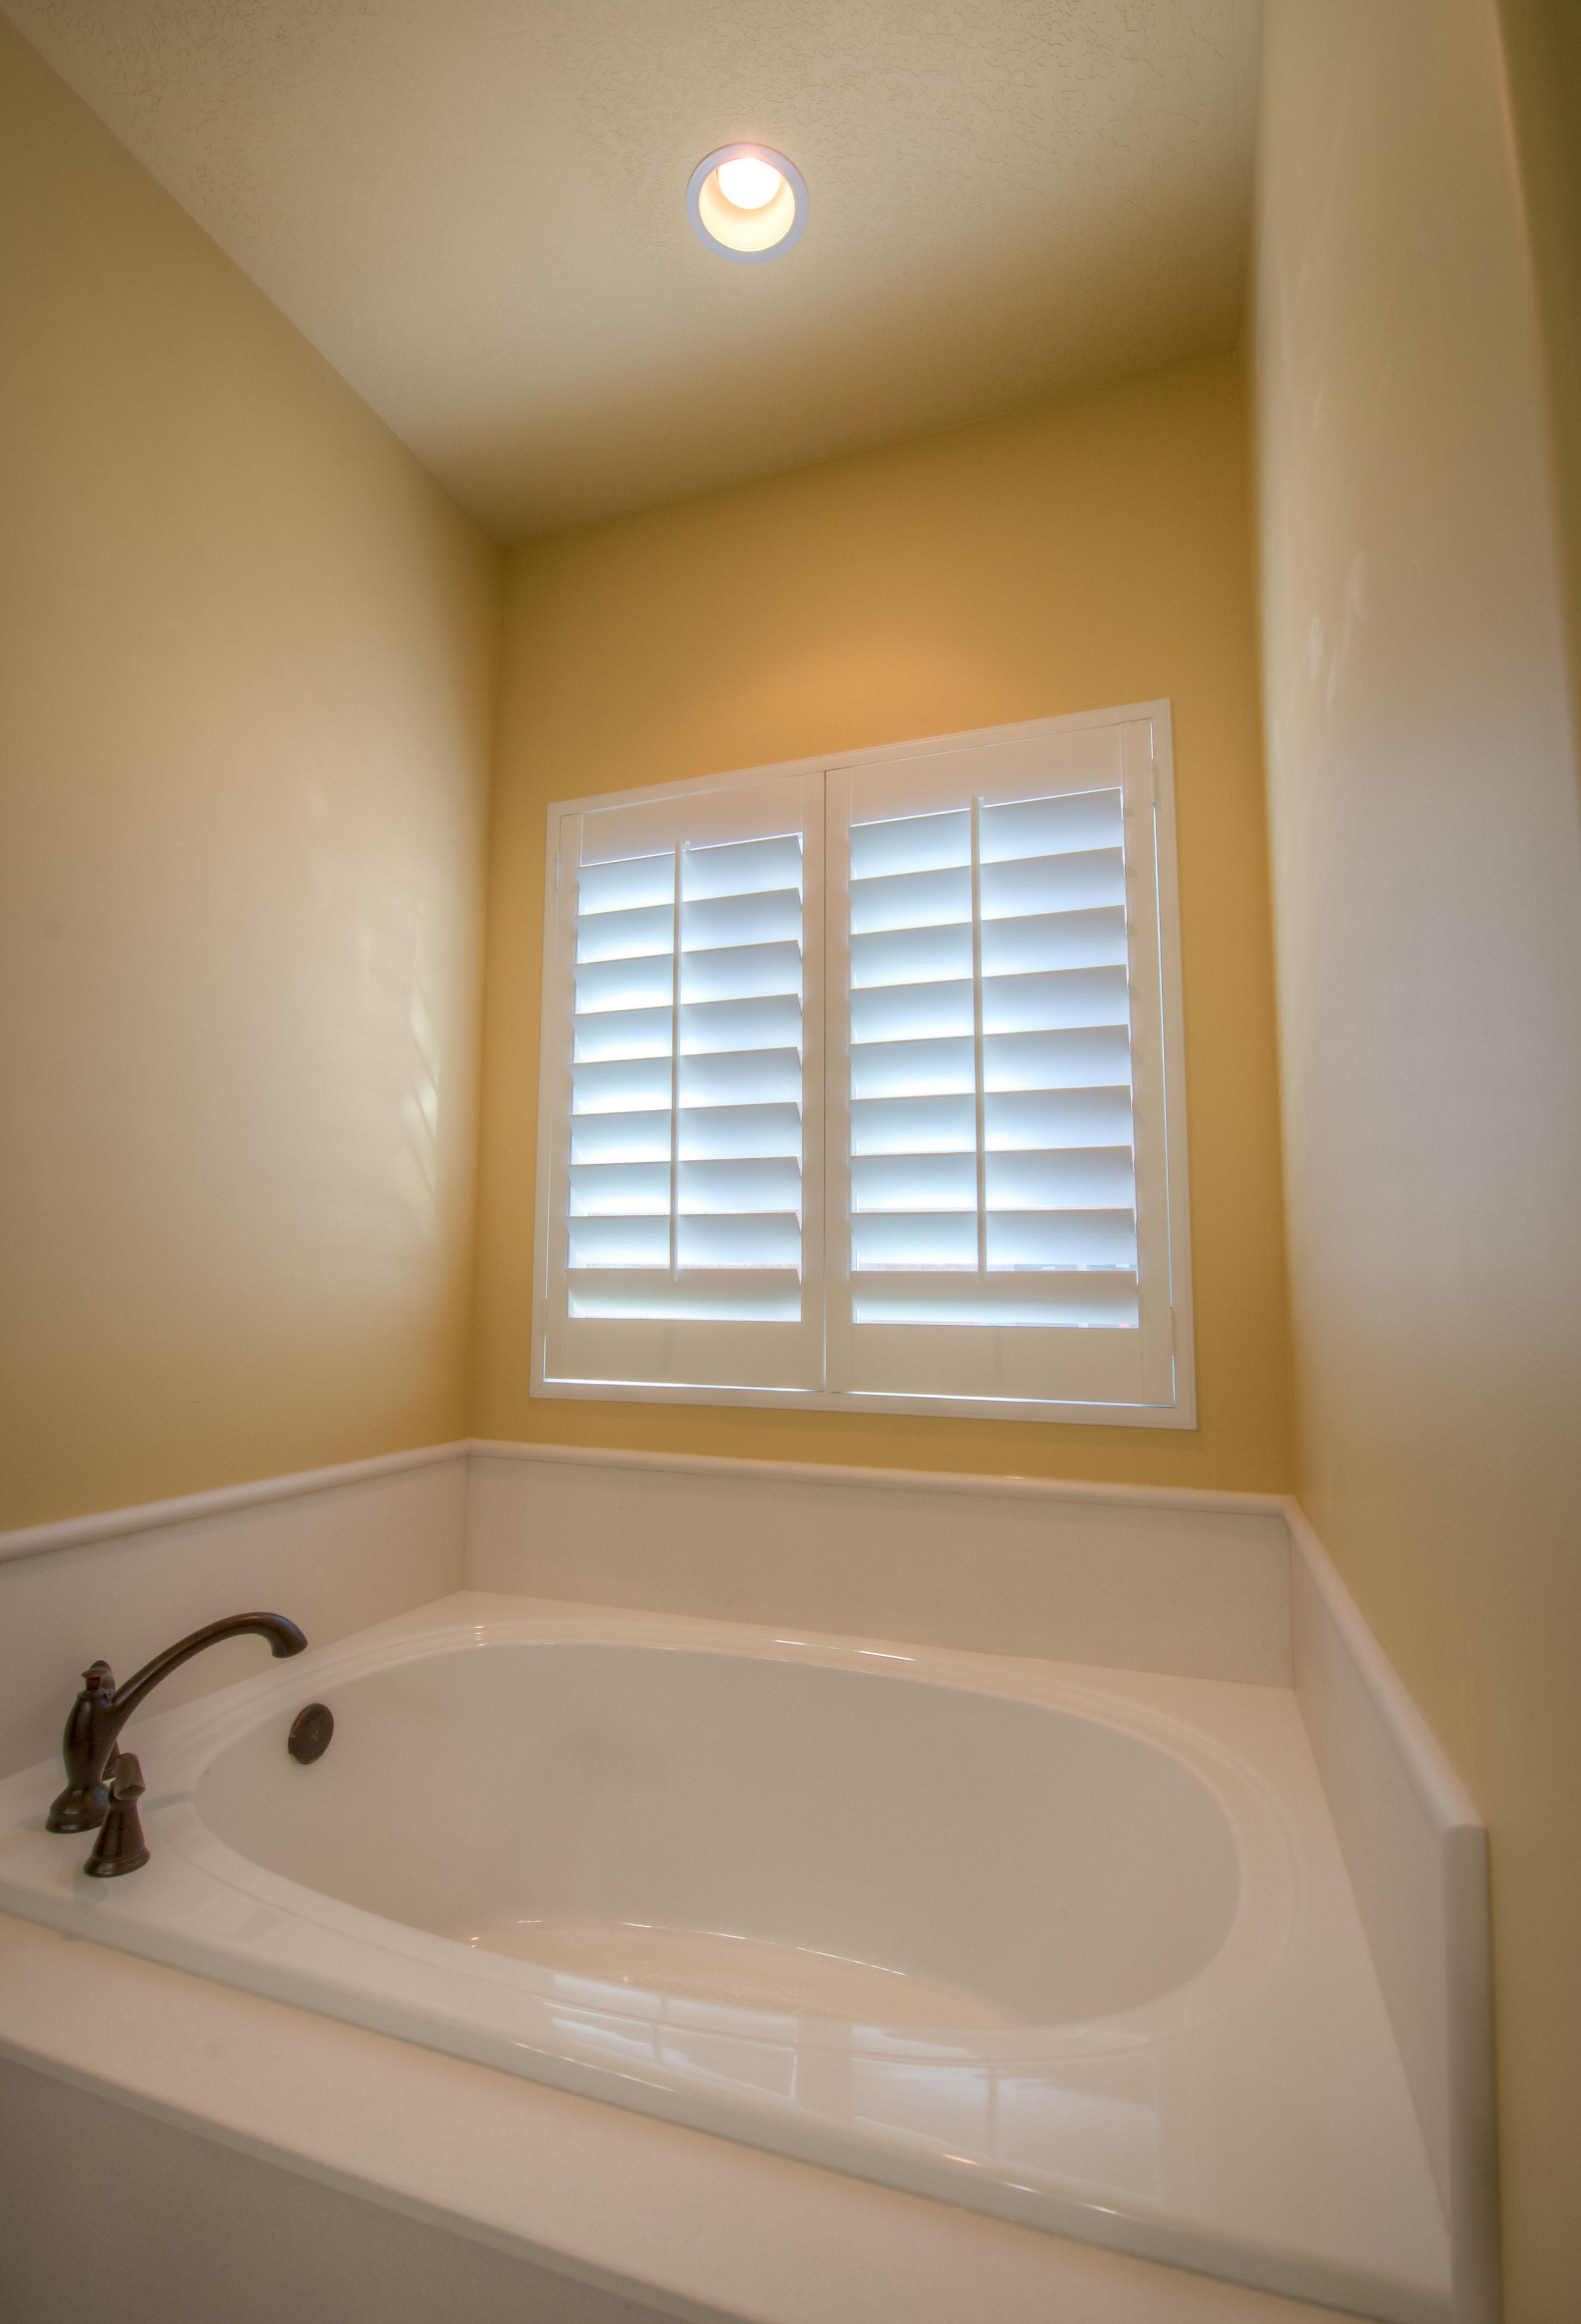 Bathtub Window Shutters